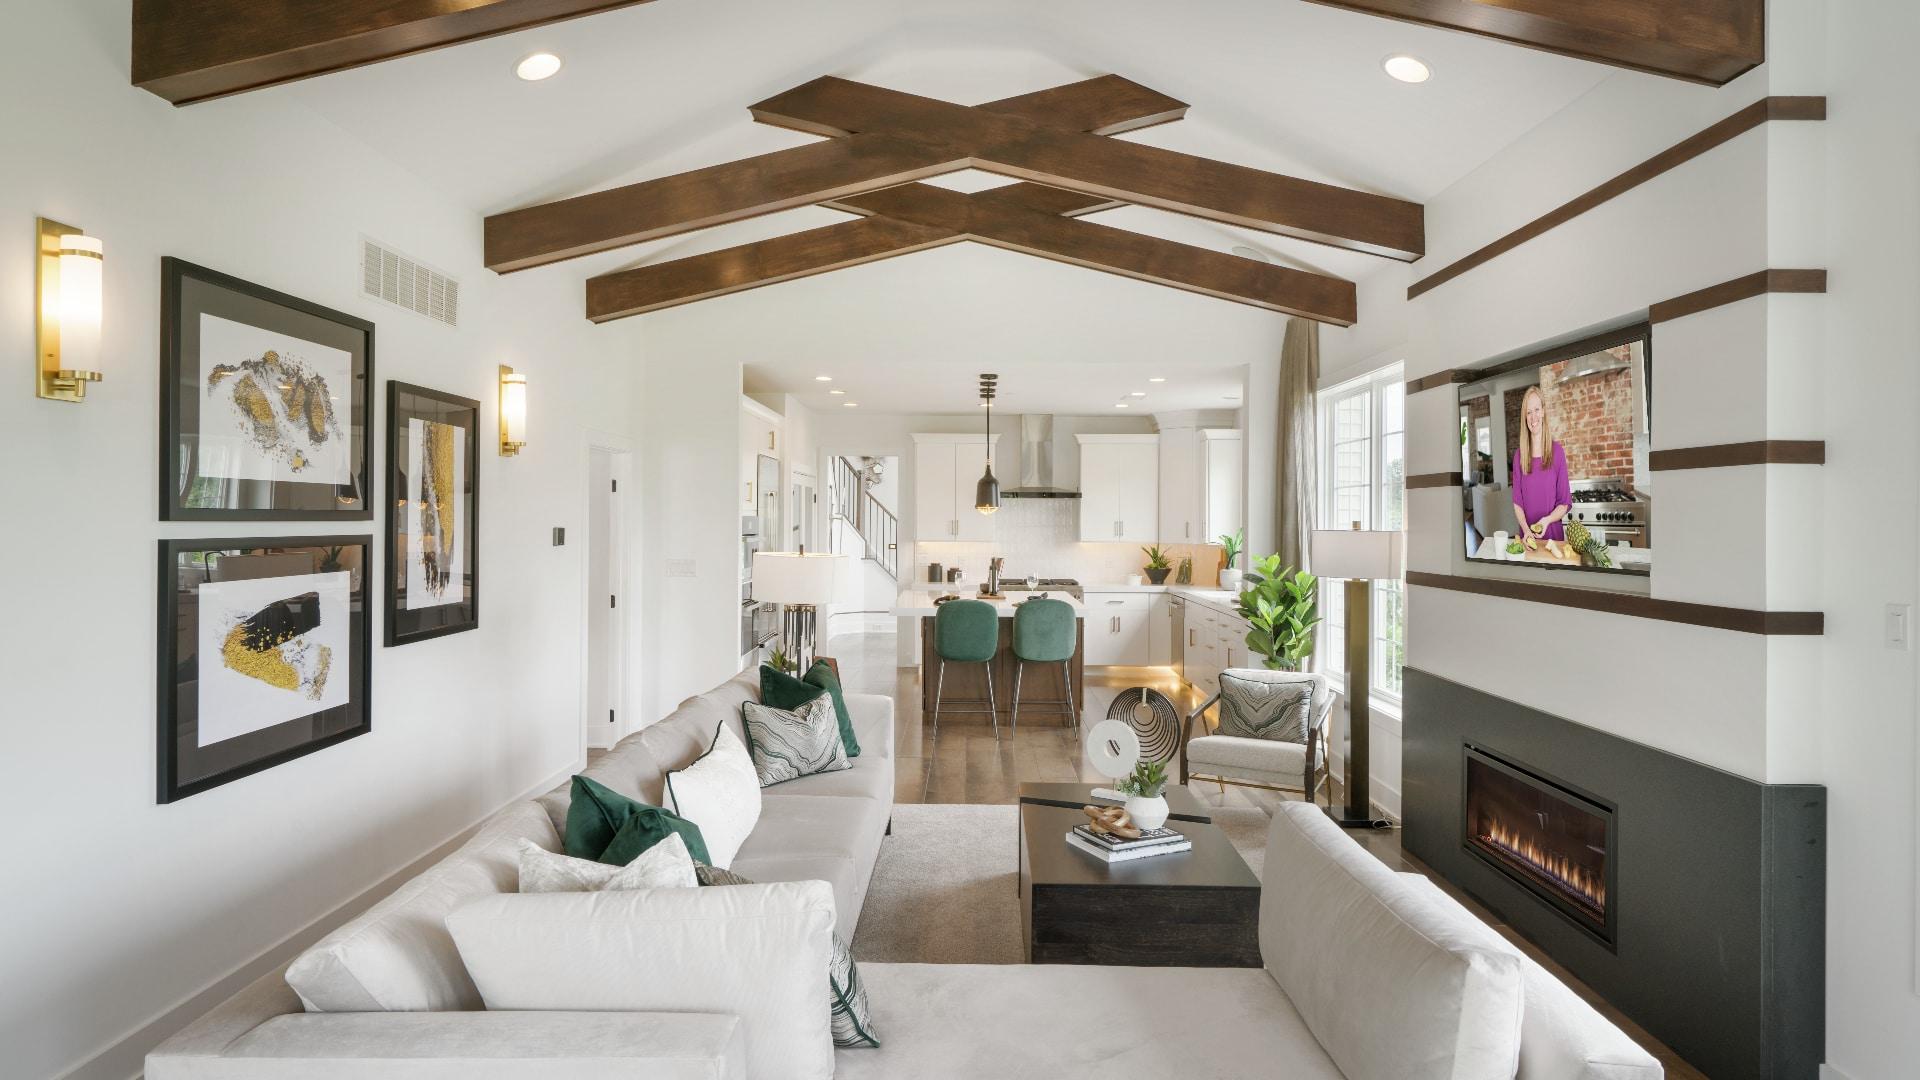 Large, open-concept floor plans